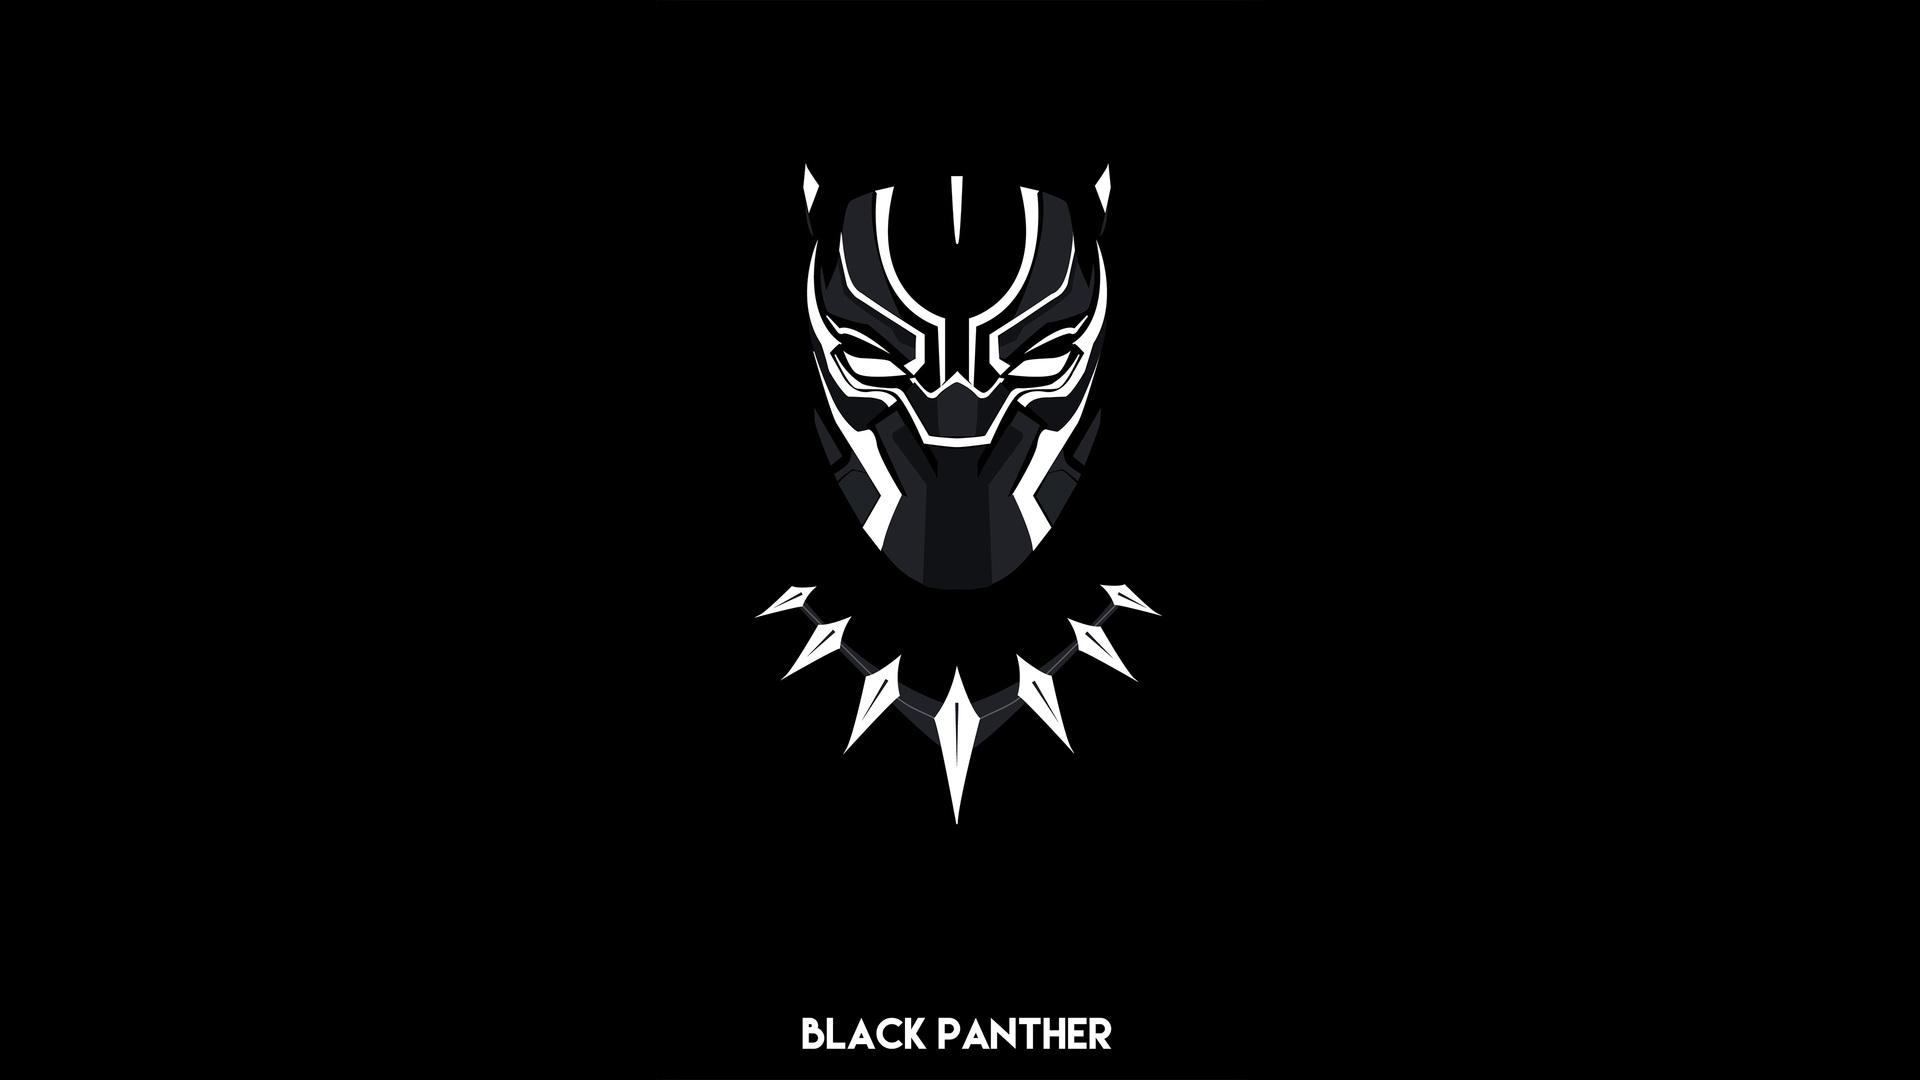 1920x1080 Black Panther Minimal 4k Laptop Full HD 1080P HD ...